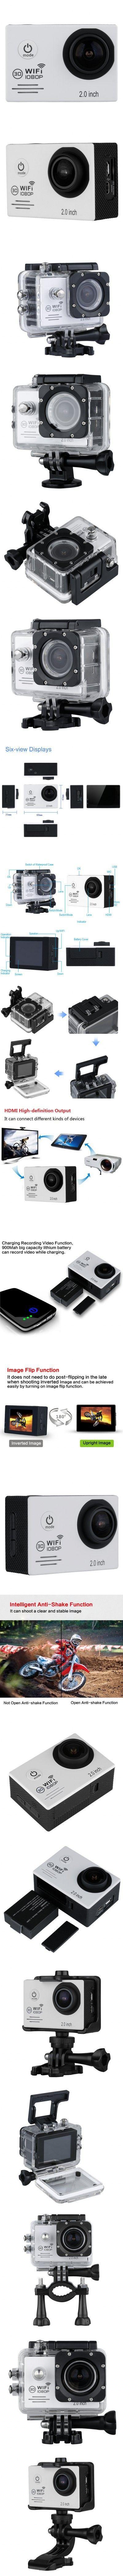 2.0 inch 12MP HD 1080P H.264 170°WiFi Anti-shake Full HD DV Sport Camera -$53.16